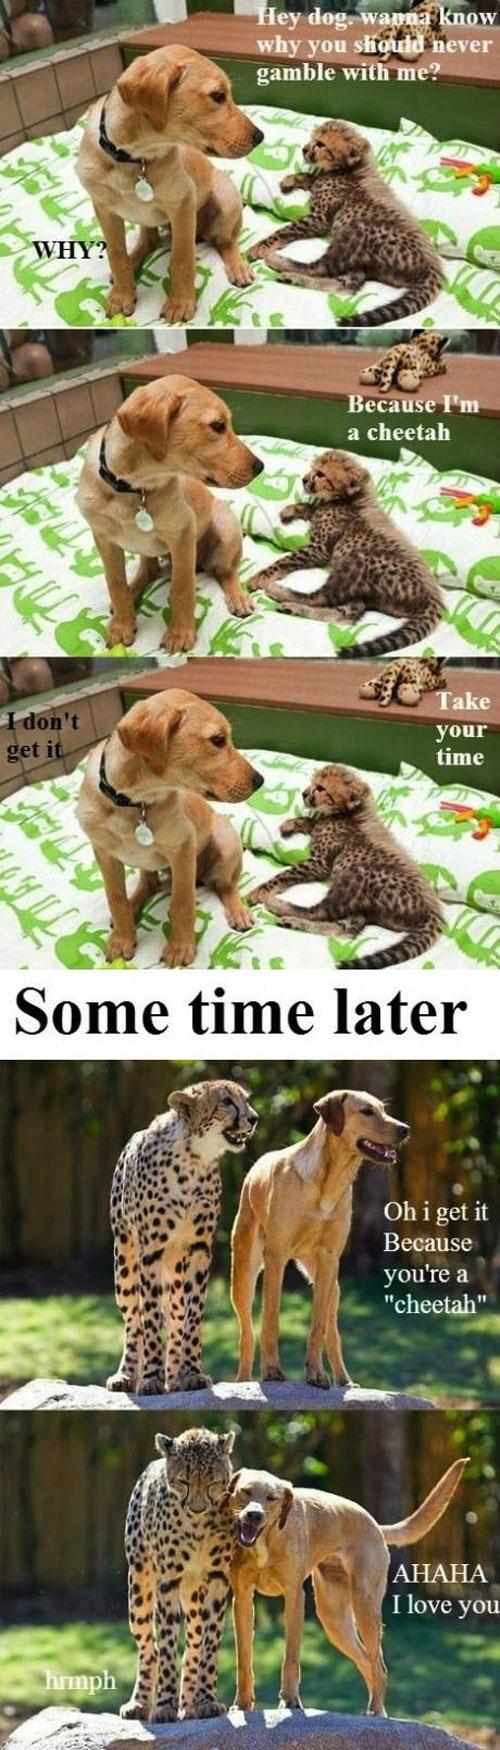 dog, cheetah, joke, lol, pun